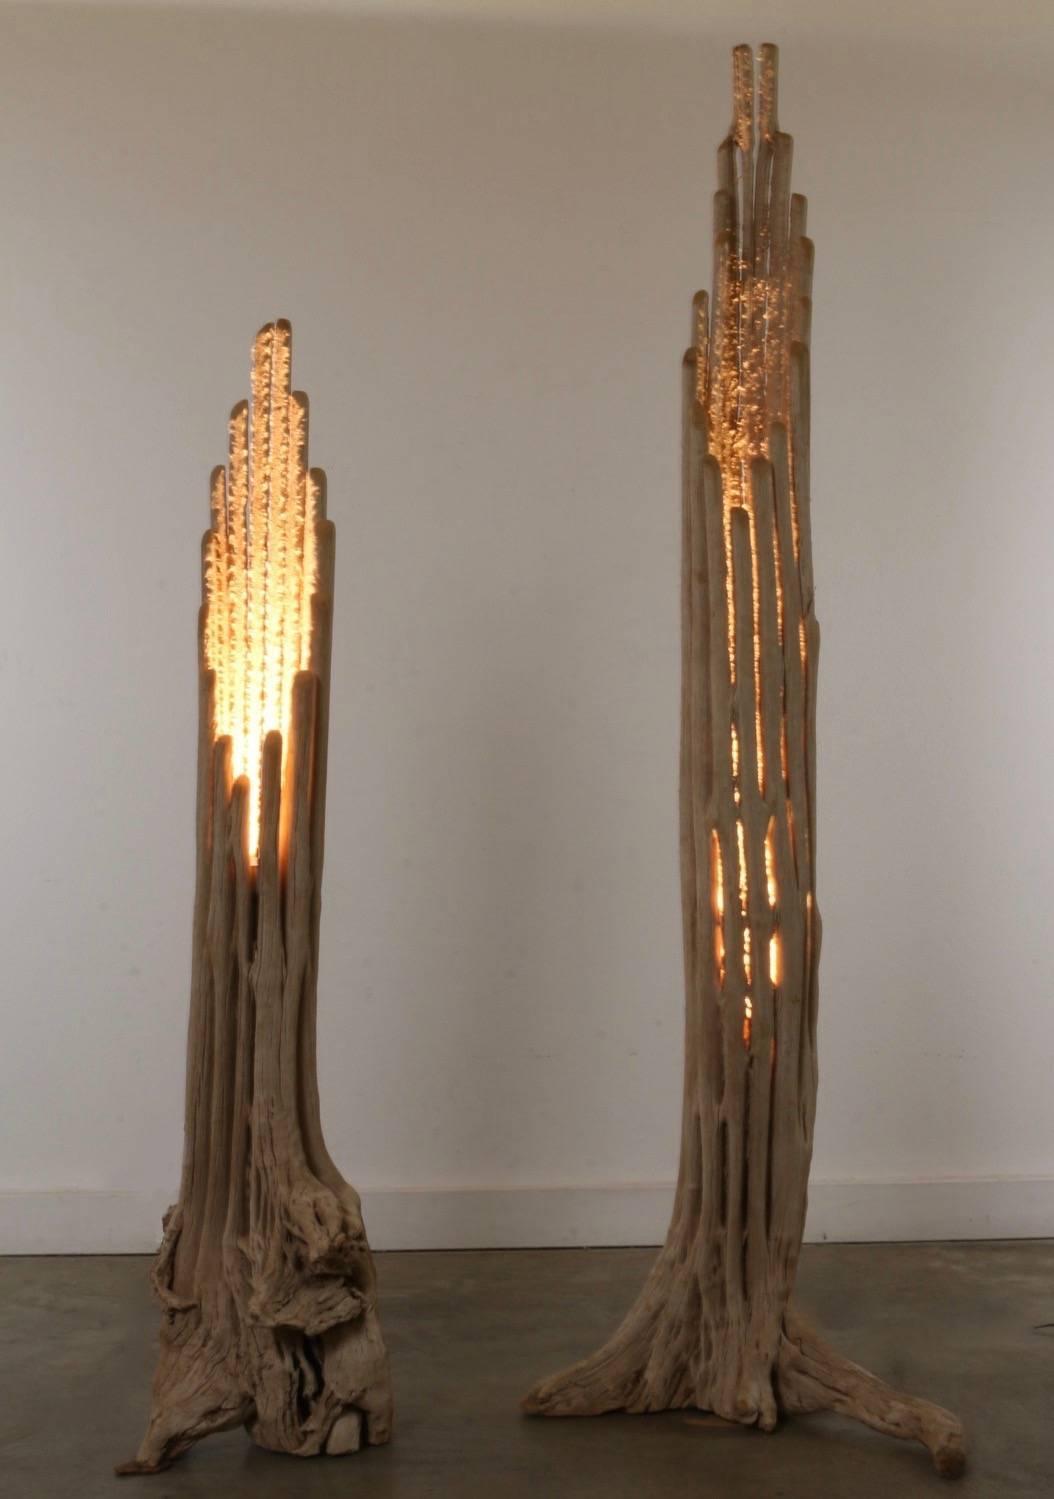 Saguaro Cactus Floor Lamp Pair For Sale At Stdibs